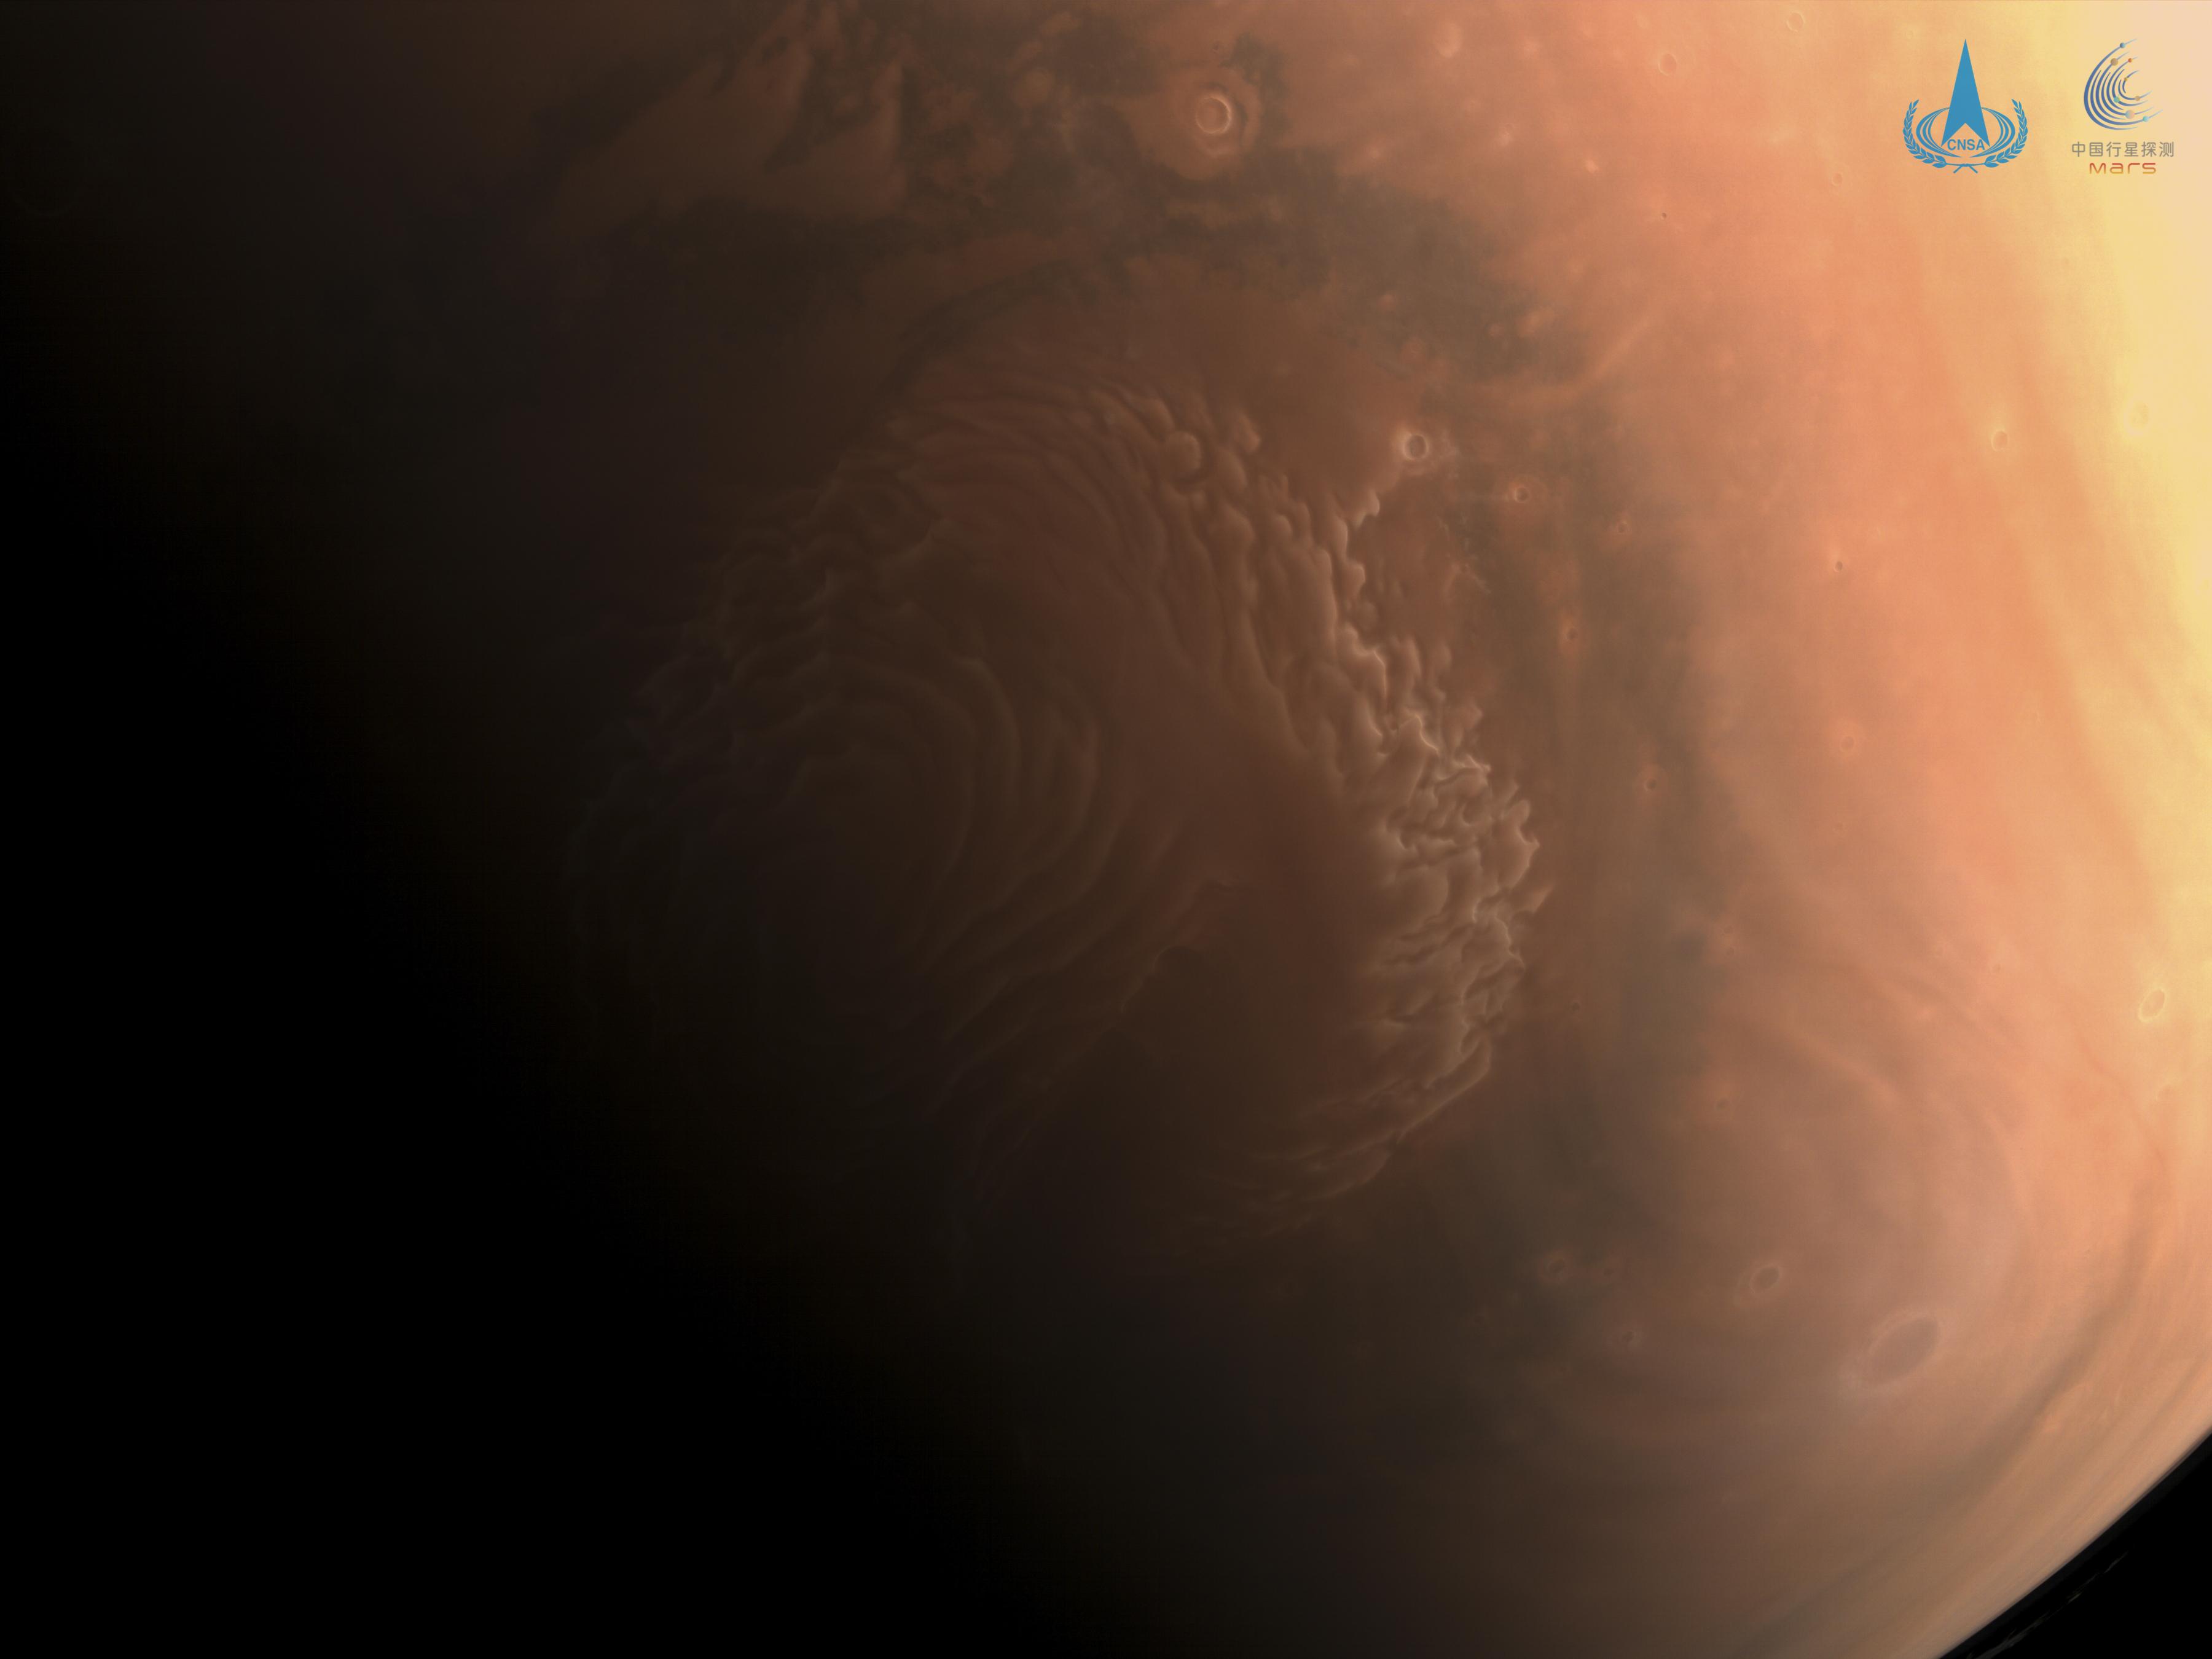 Une image du pôle nord de Mars prise par le vaisseau spatial chinois Tianwen-1.